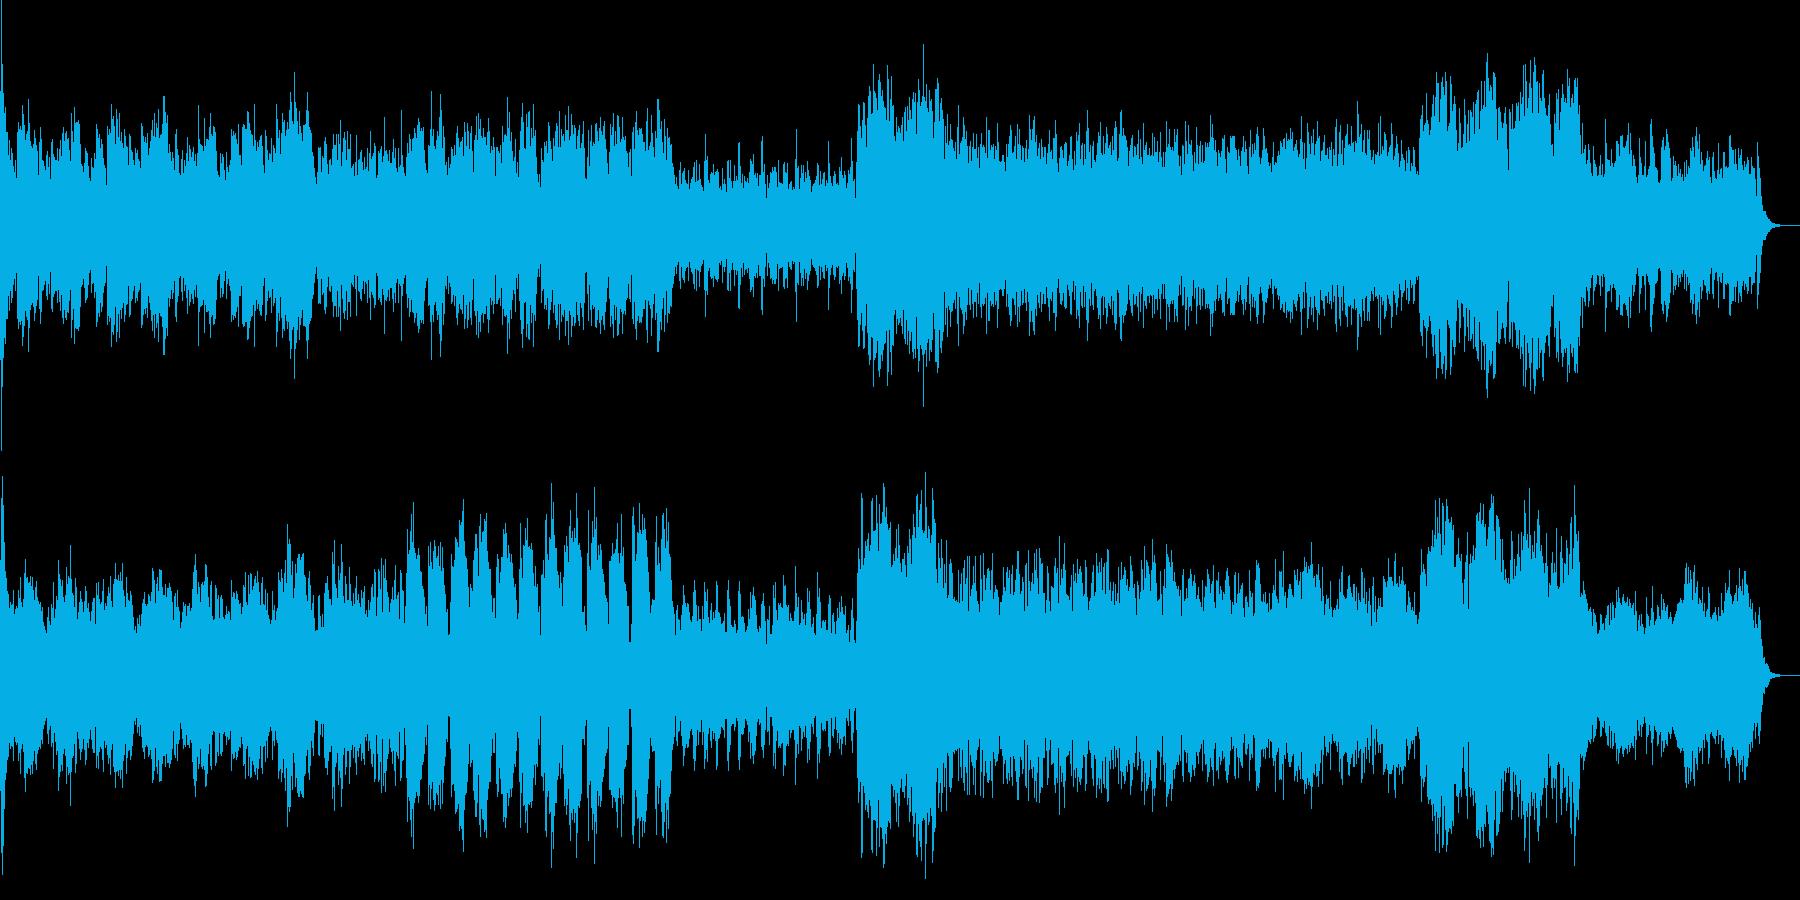 何か始まる感じの再生済みの波形